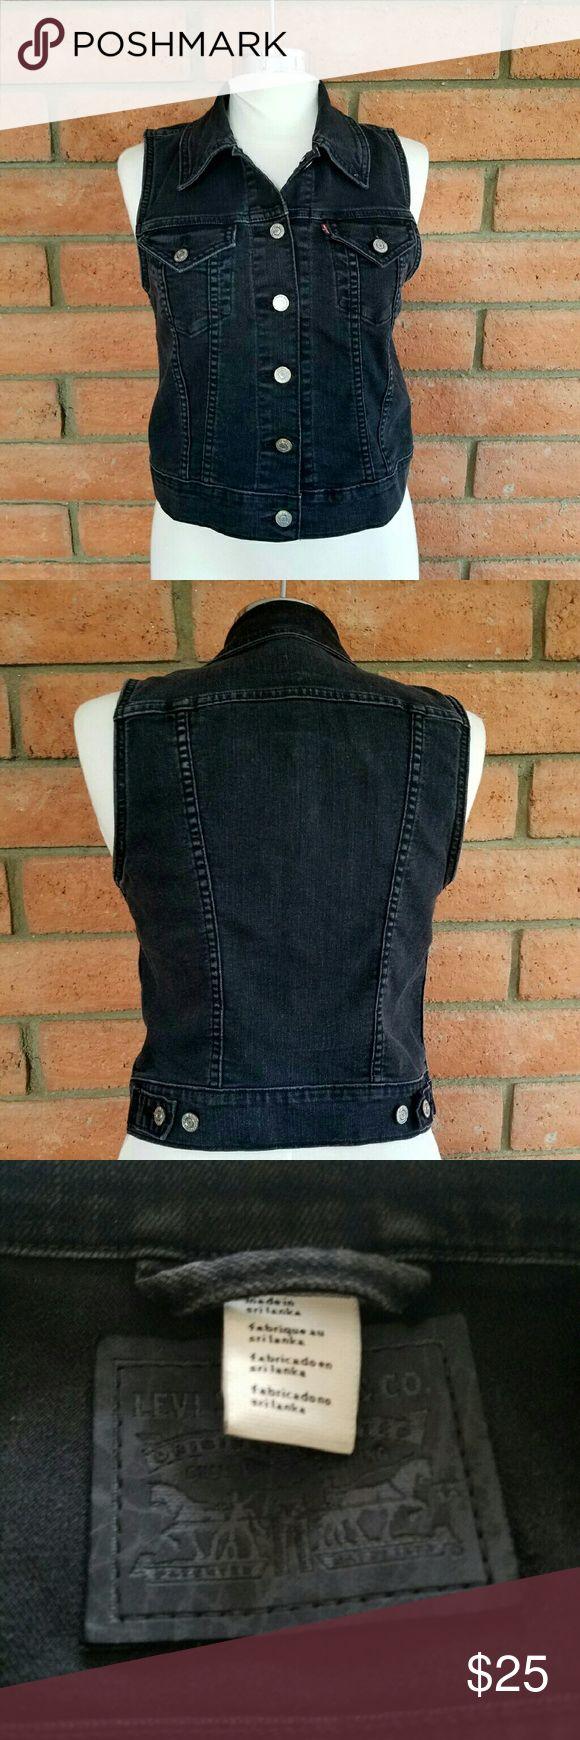 Levis trucker denim vest Black levis trucker denim vest in good used condition. Levis Jackets & Coats Vests